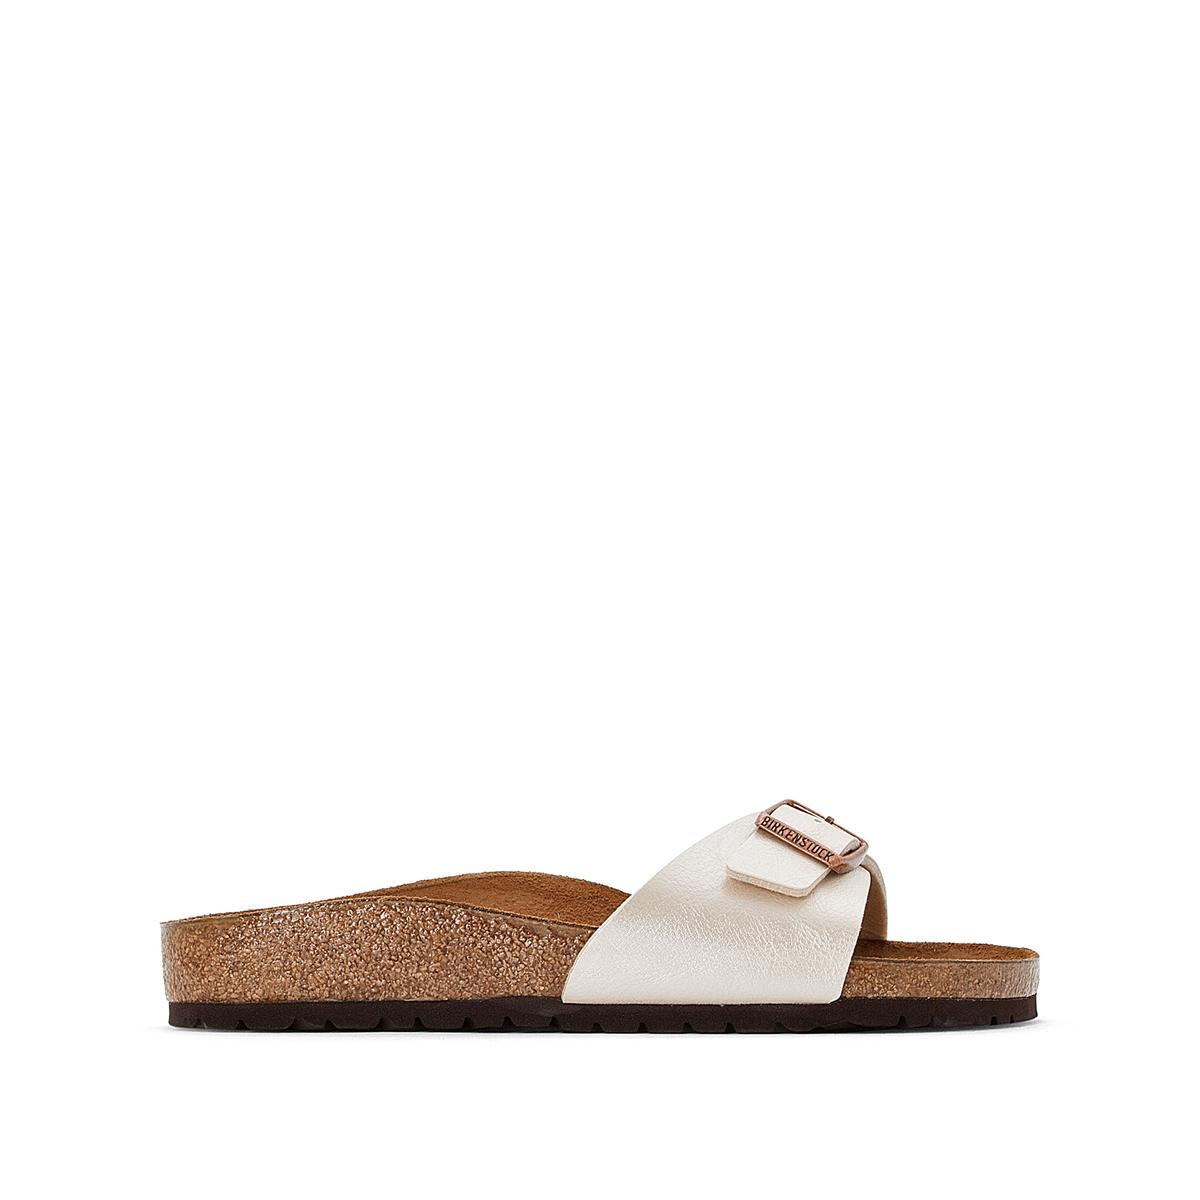 цена Туфли La Redoute Без задника с открытым мыском Madrid 37 белый онлайн в 2017 году